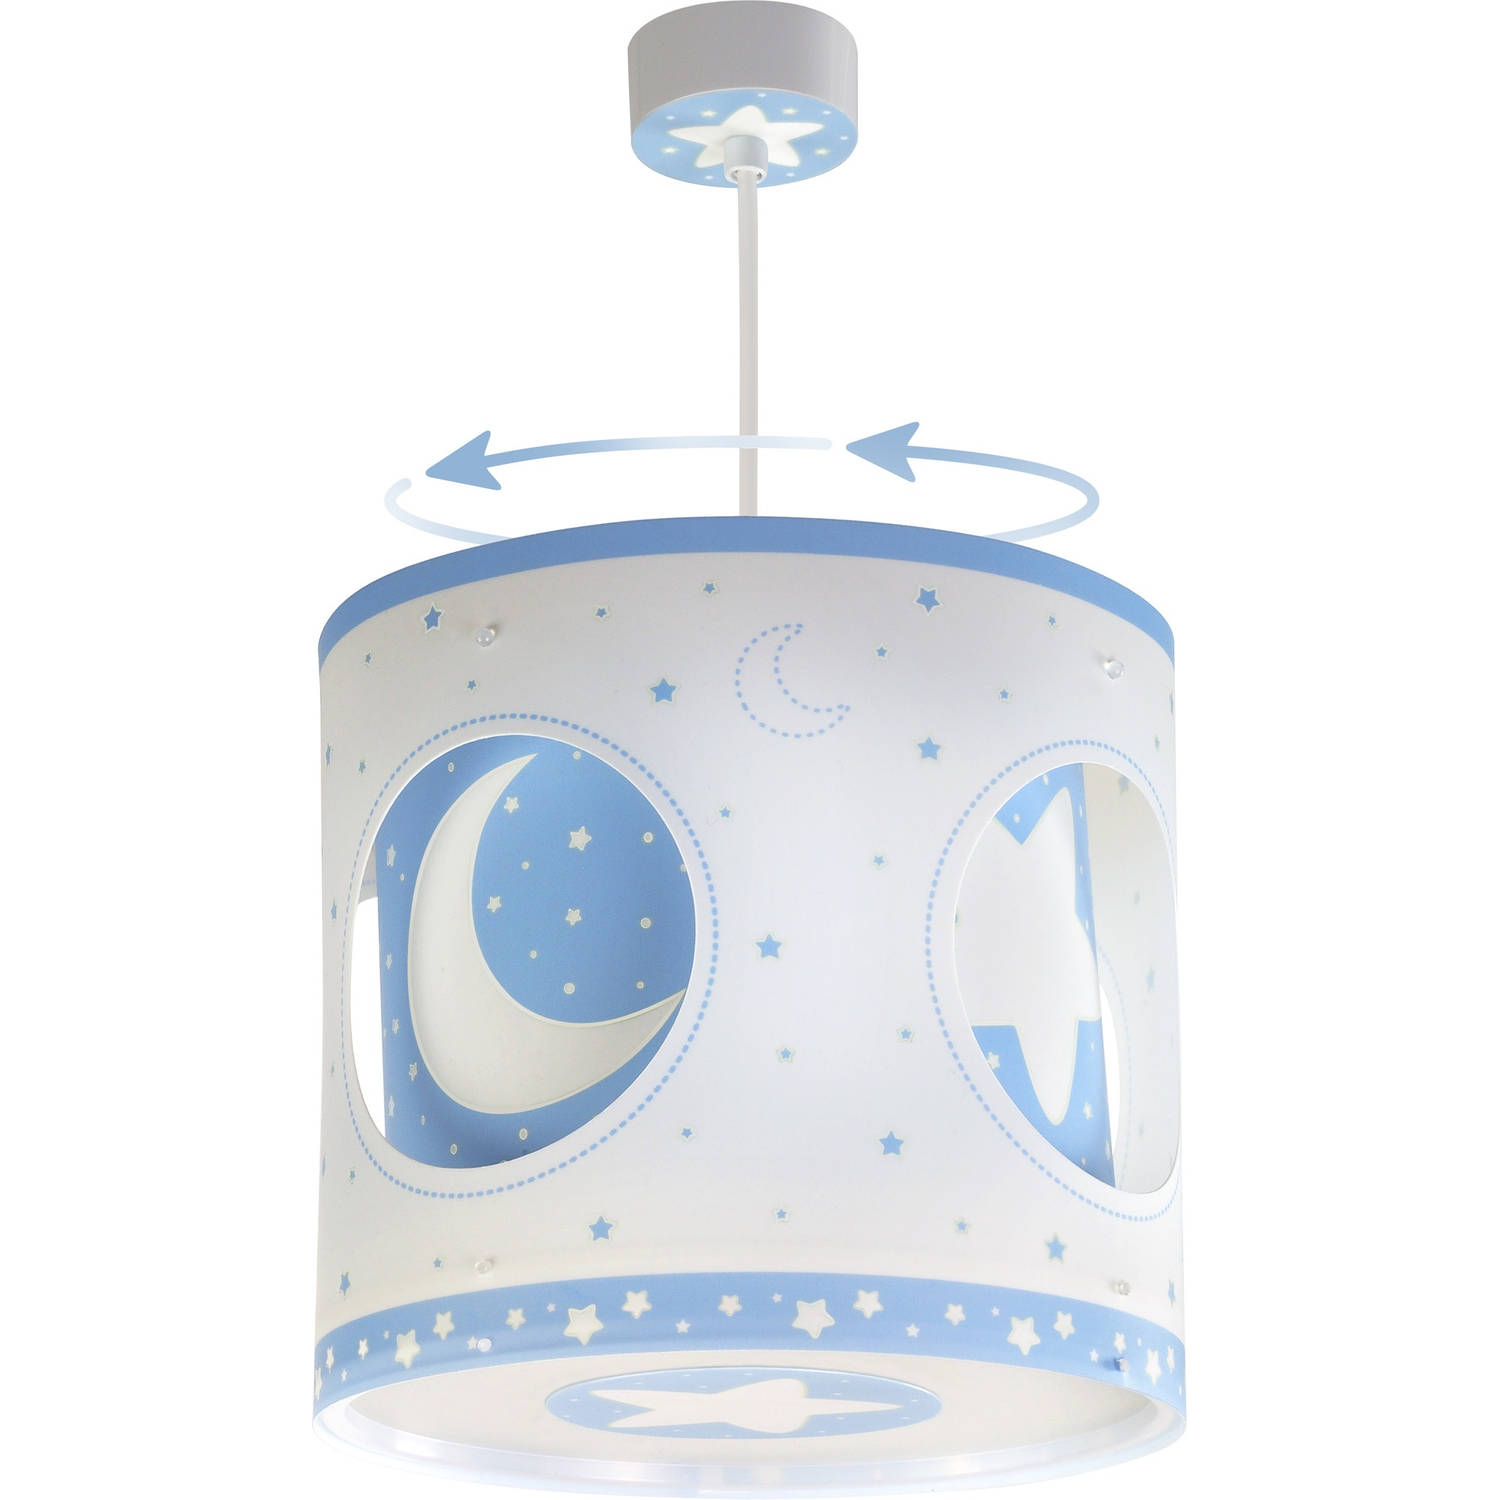 Dalber hanglamp draaiend Moonlight 26,5 cm blauw